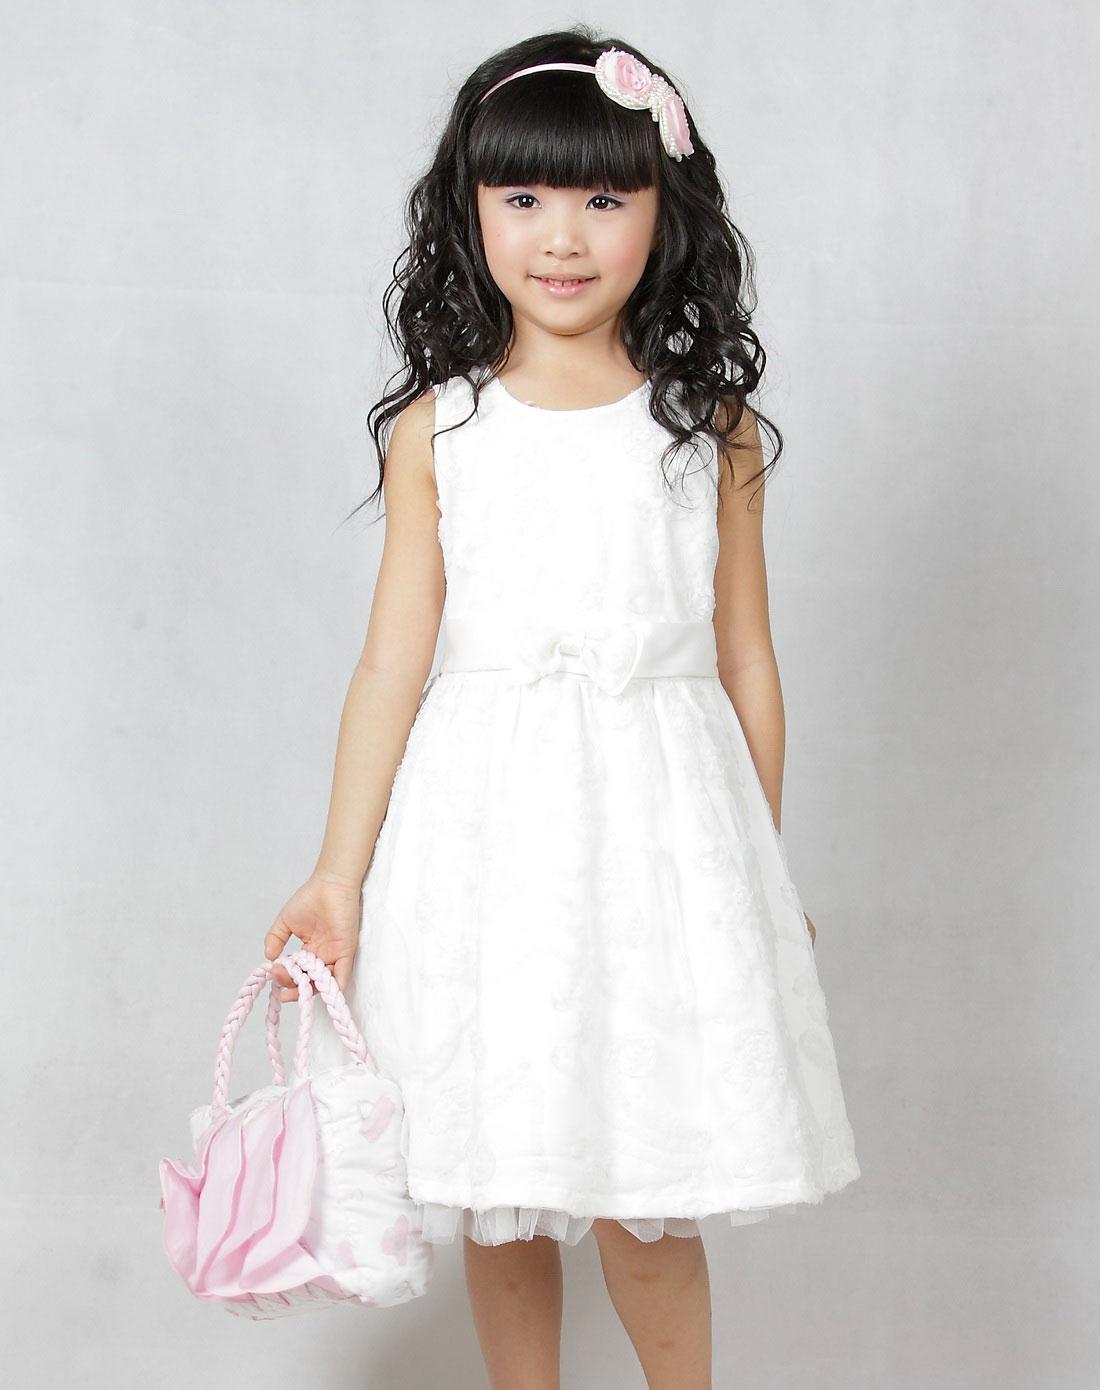 女童白色玫瑰公主纱裙